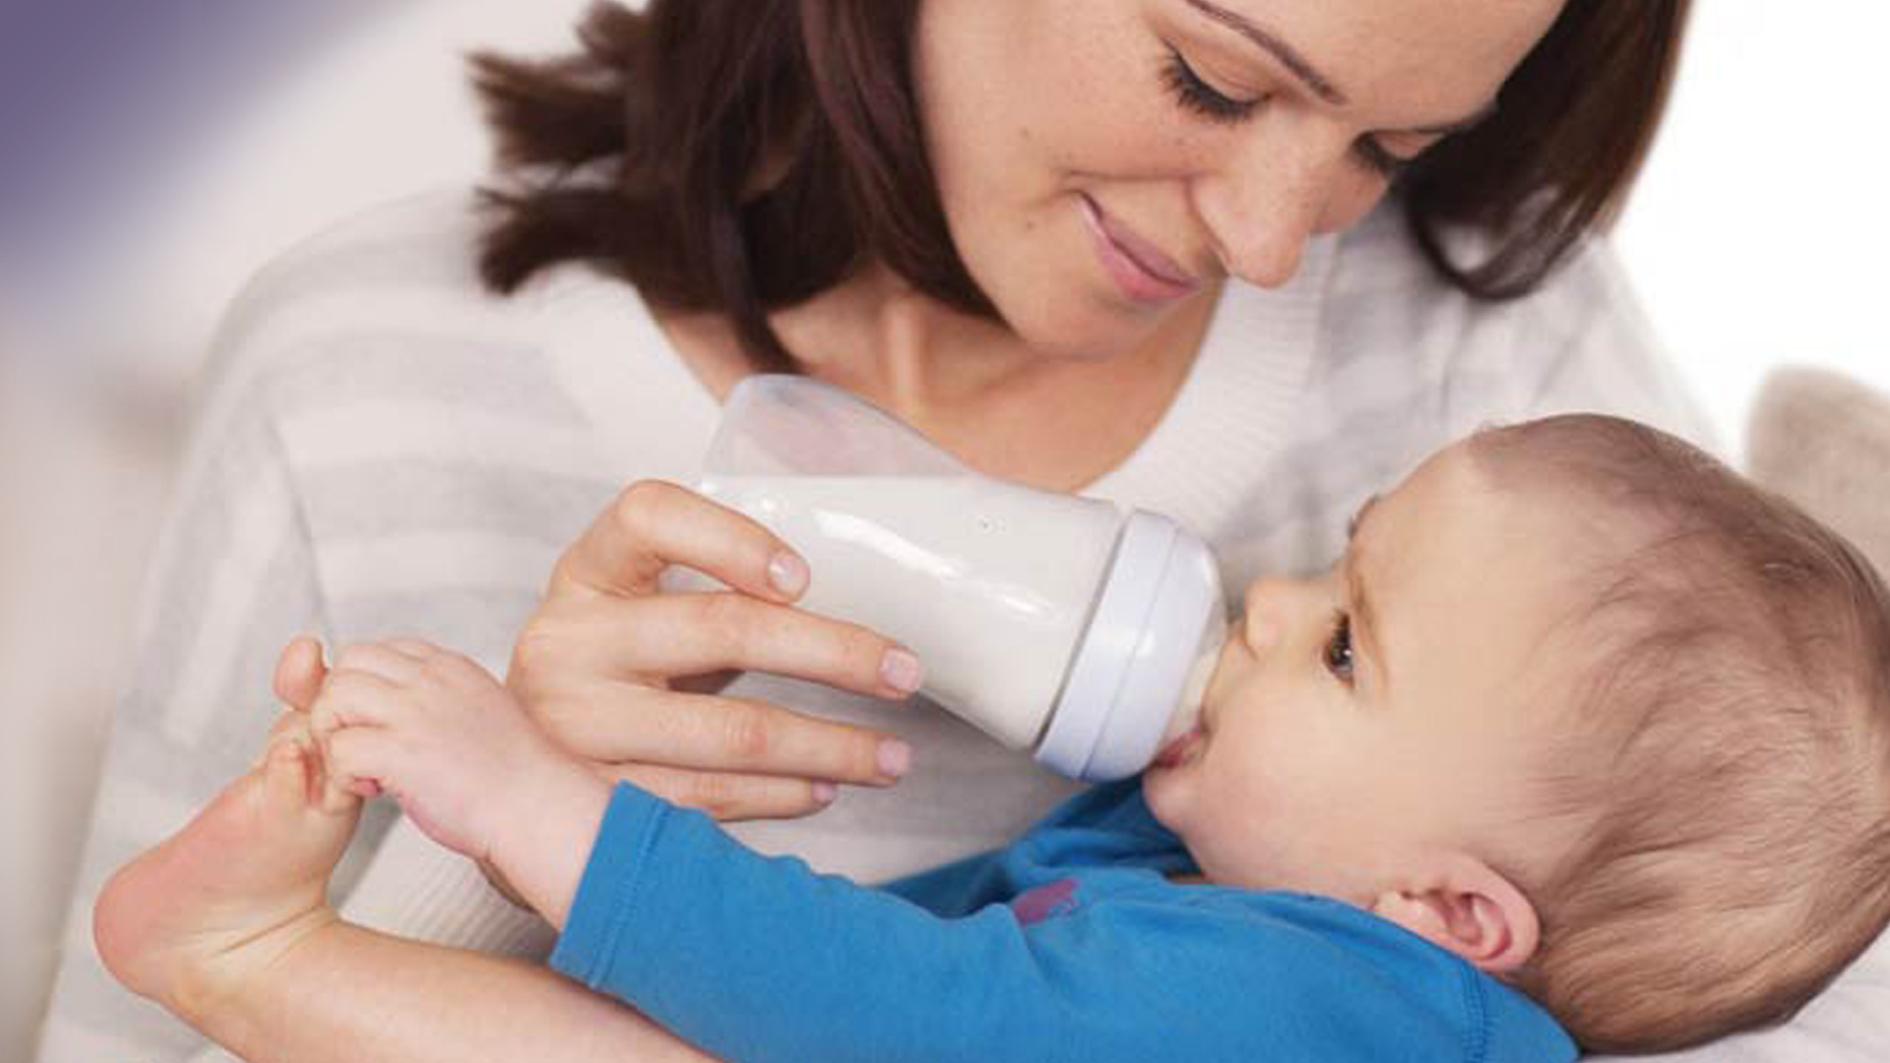 Недоношенный ребенок и грудное вскармливание: 10 шагов для здоровья. недоношенный ребенок